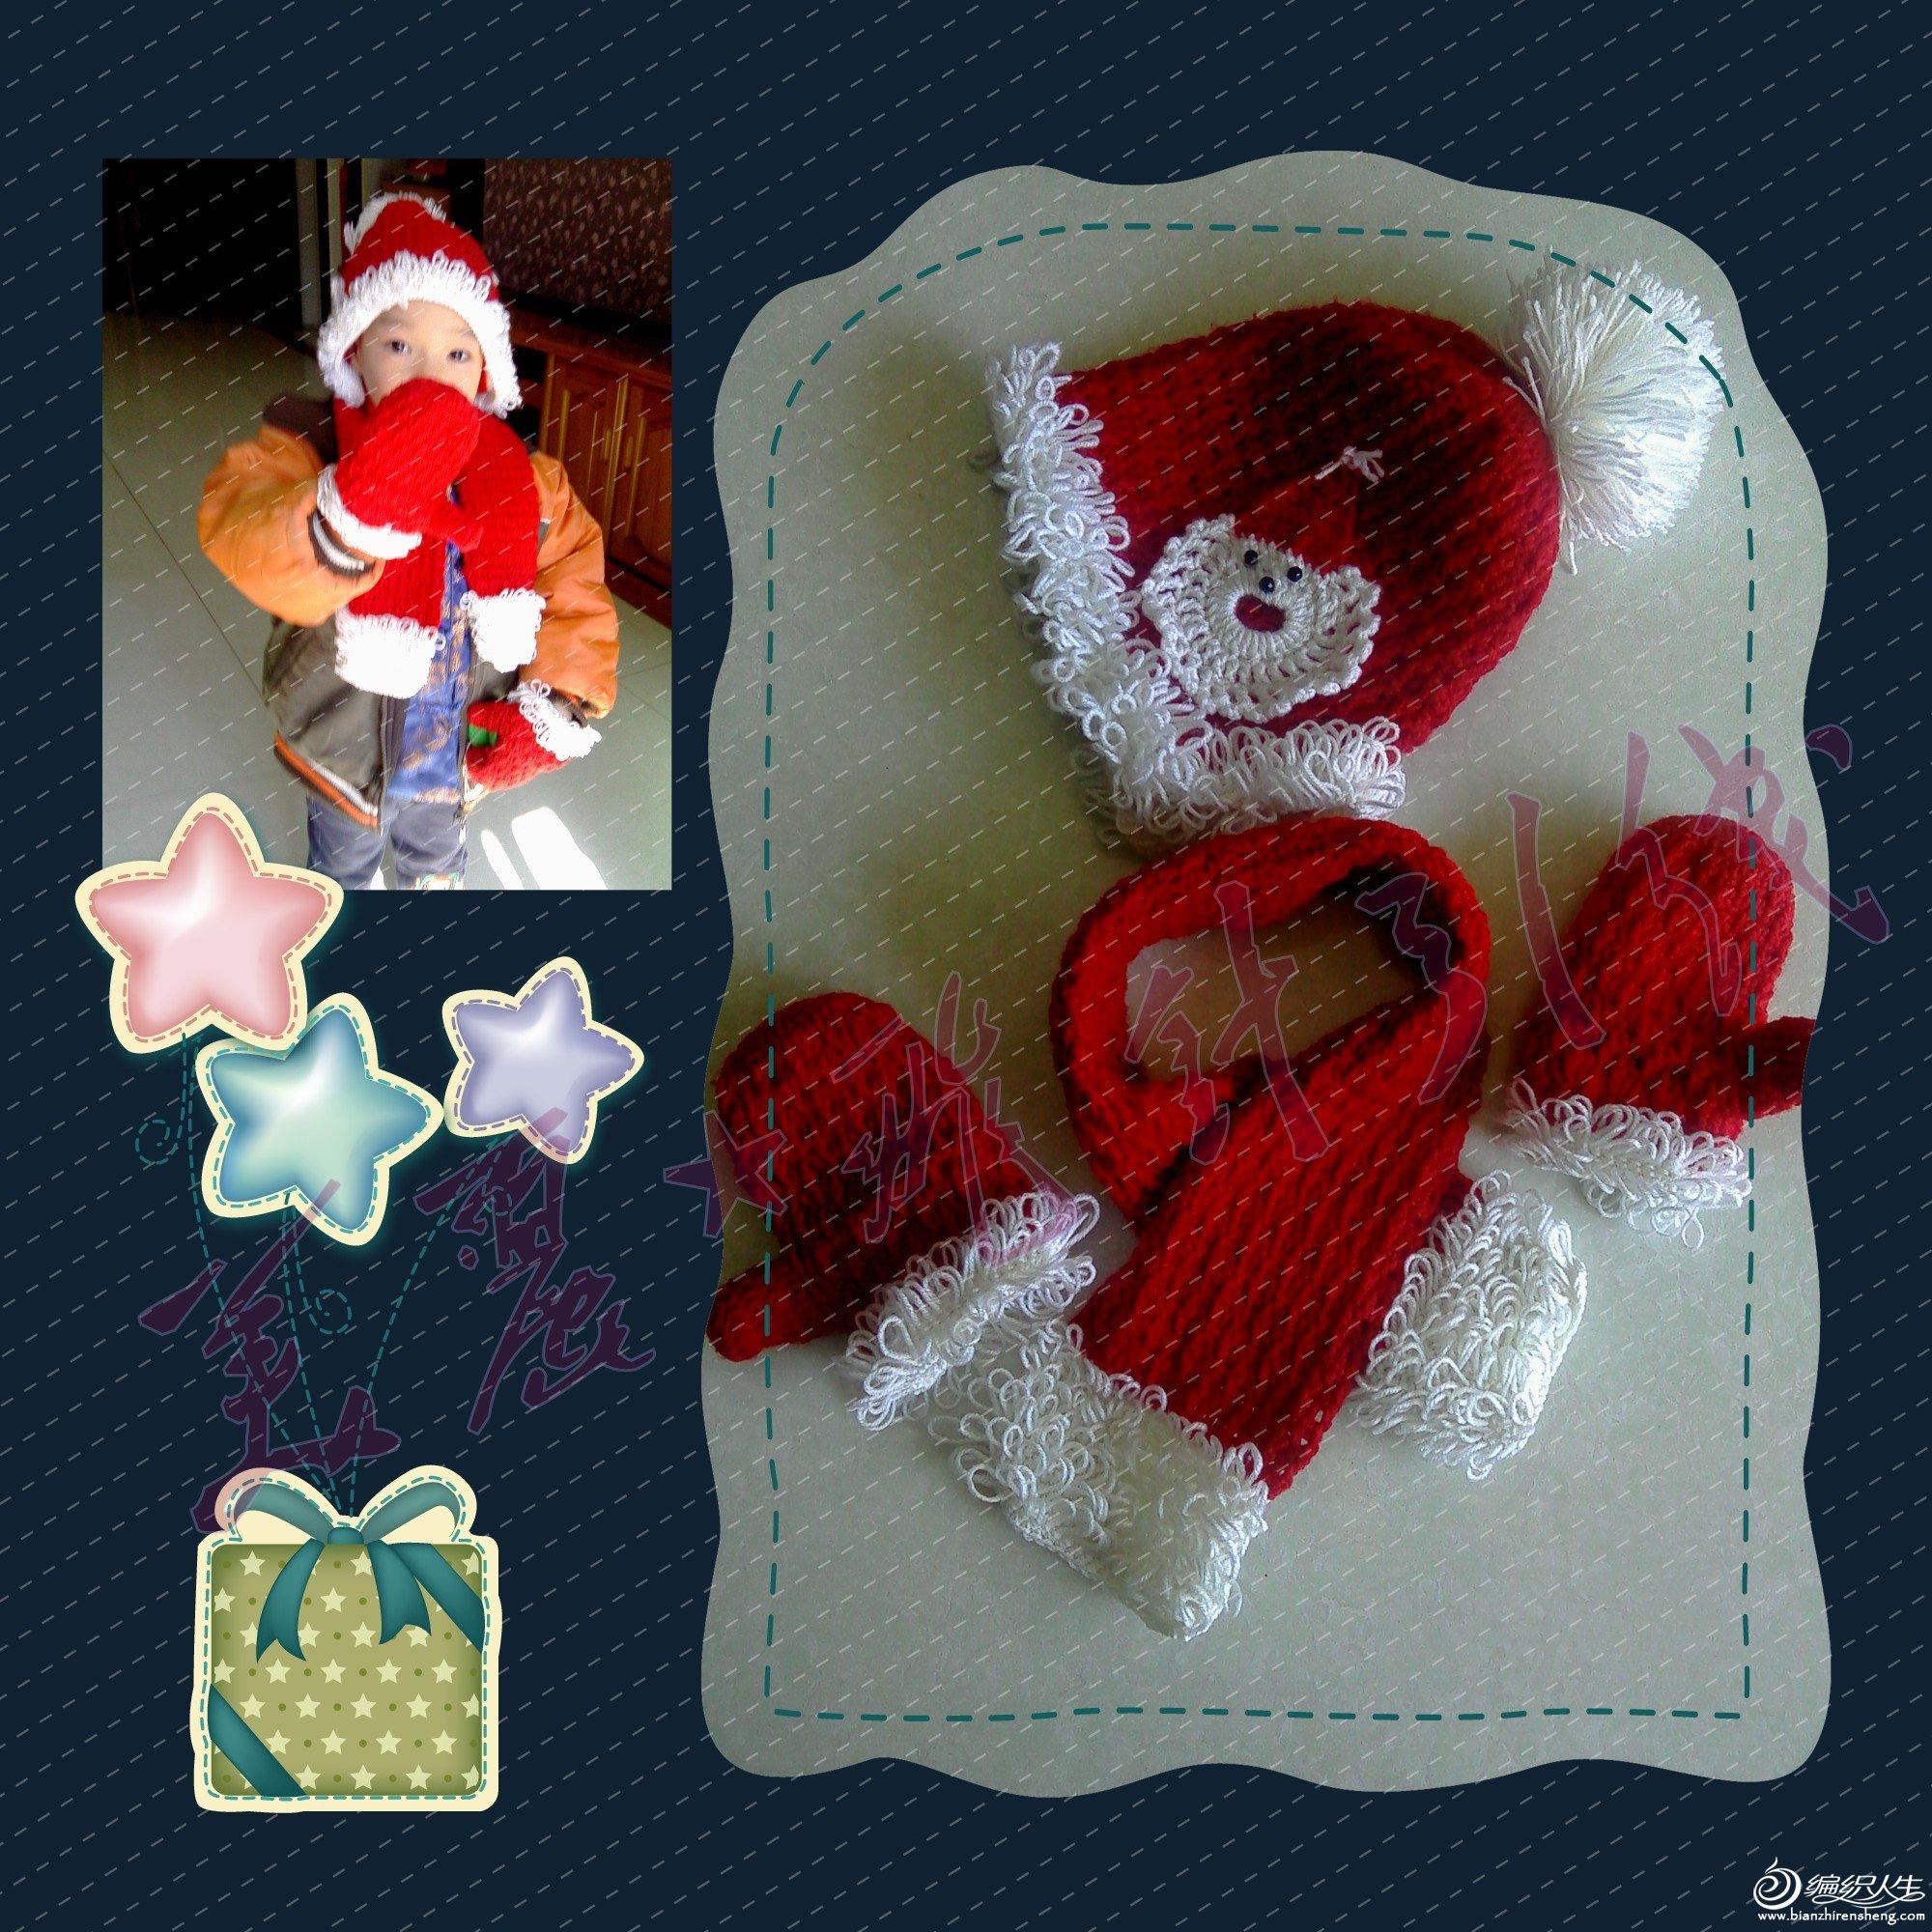 圣诞套装1_conew1.jpg